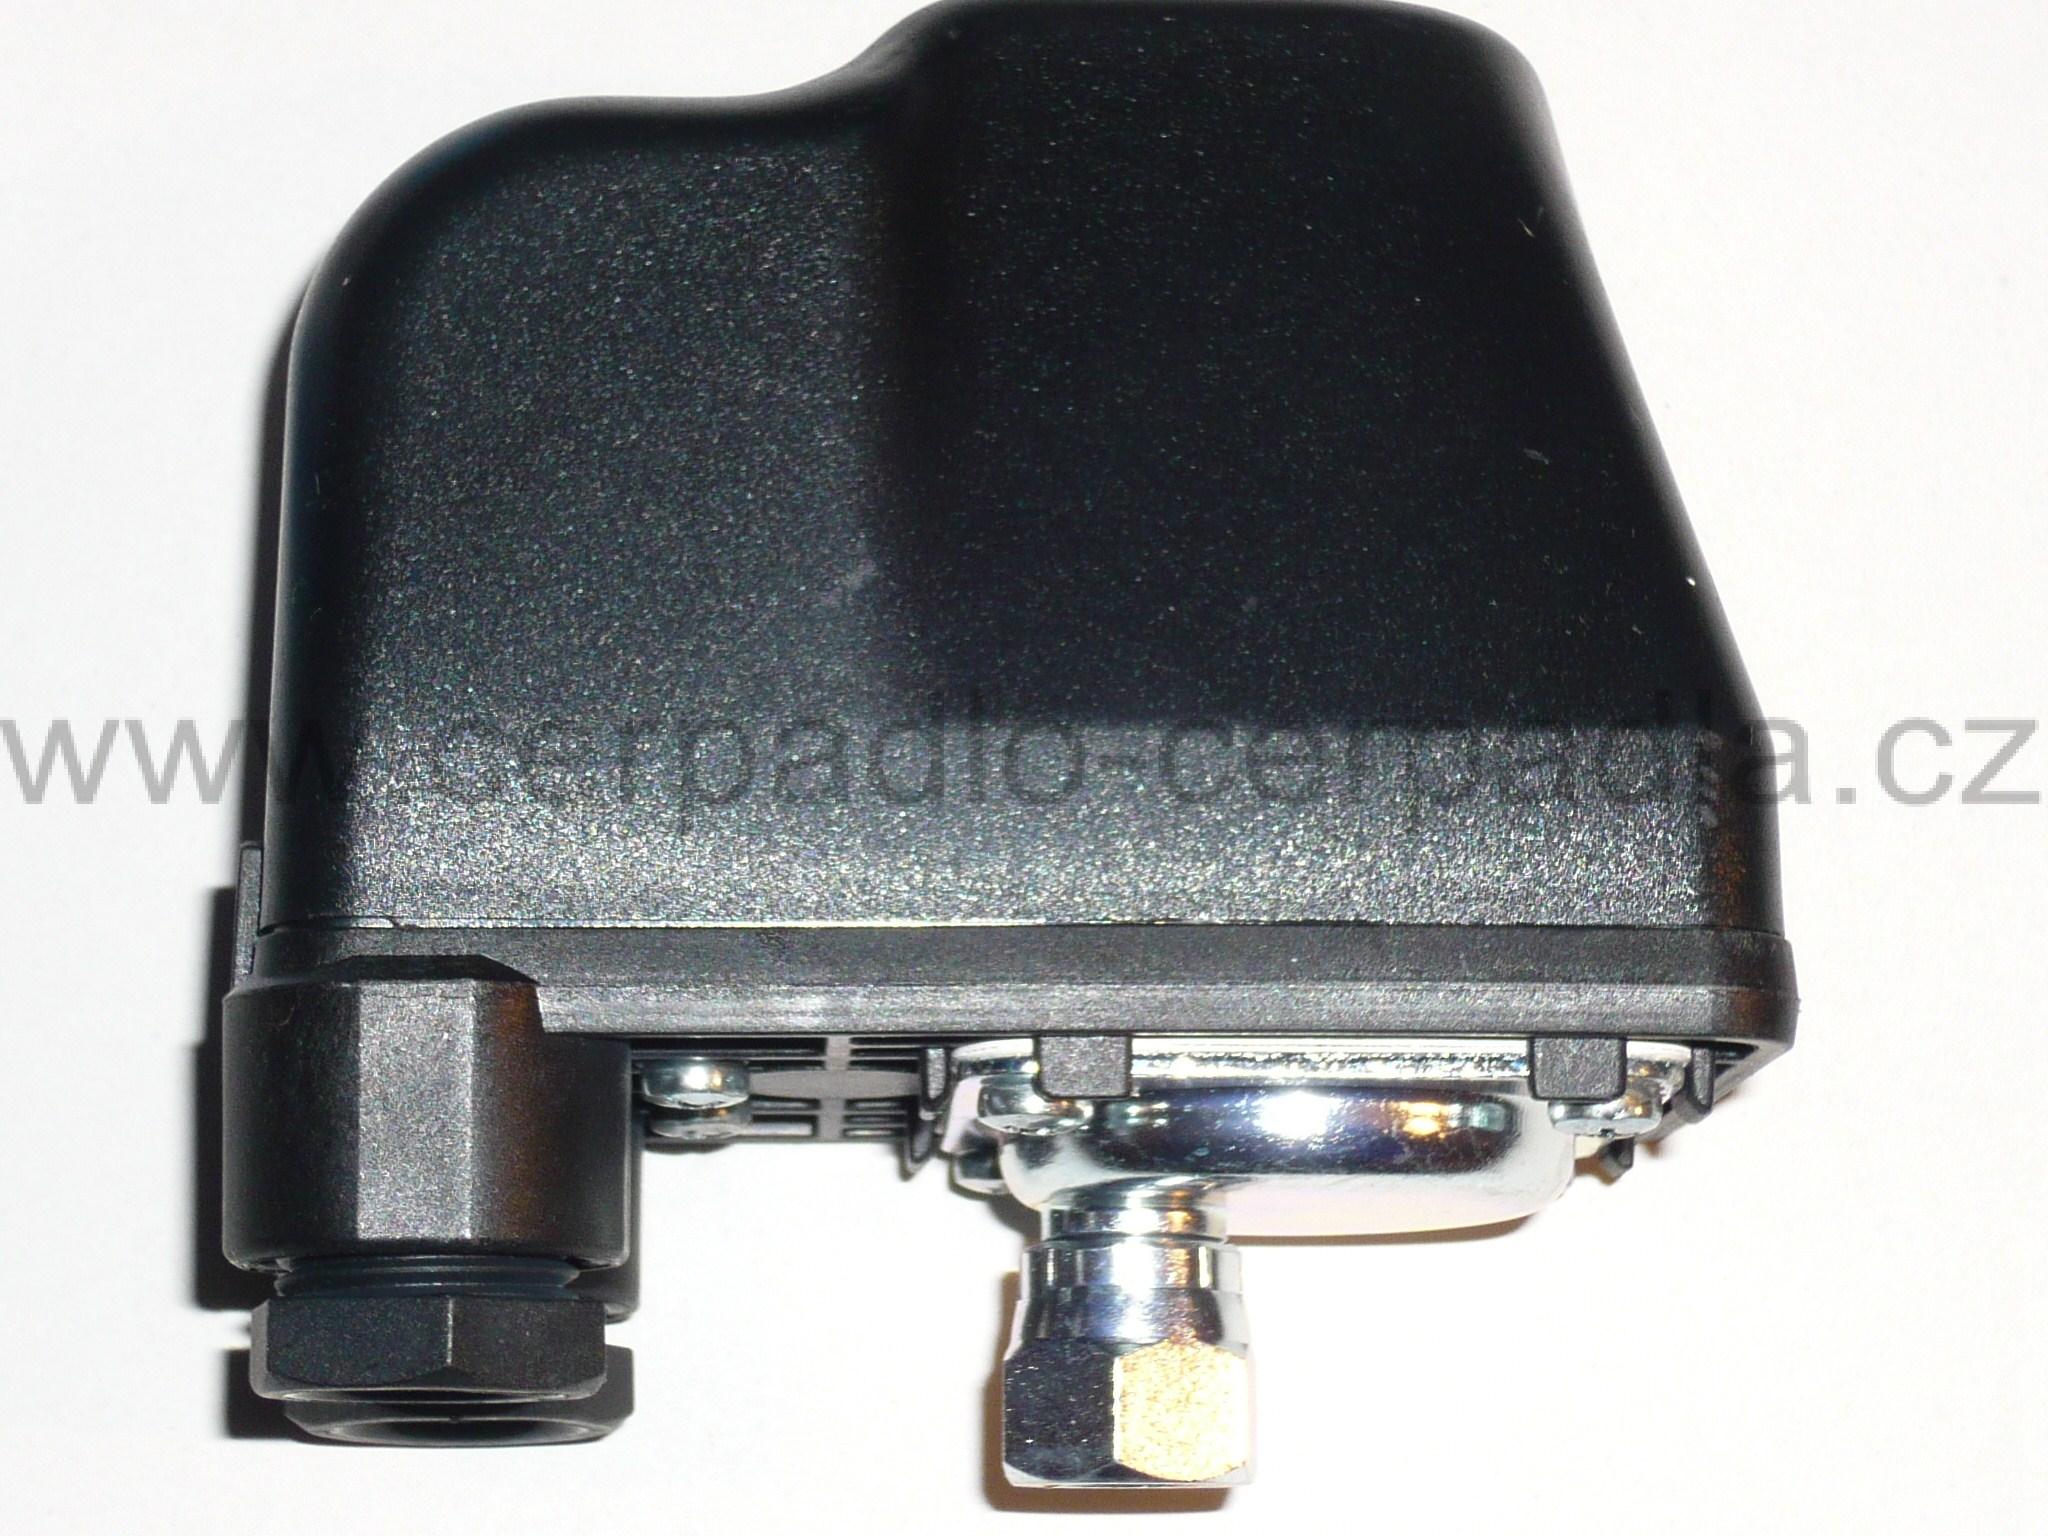 tlakový spínač PT/5G , 400V 2,0 - 3,5 bar, s maticí (tlakový spínač PT 5 pro 230V i 400V, Tlakové spínače)